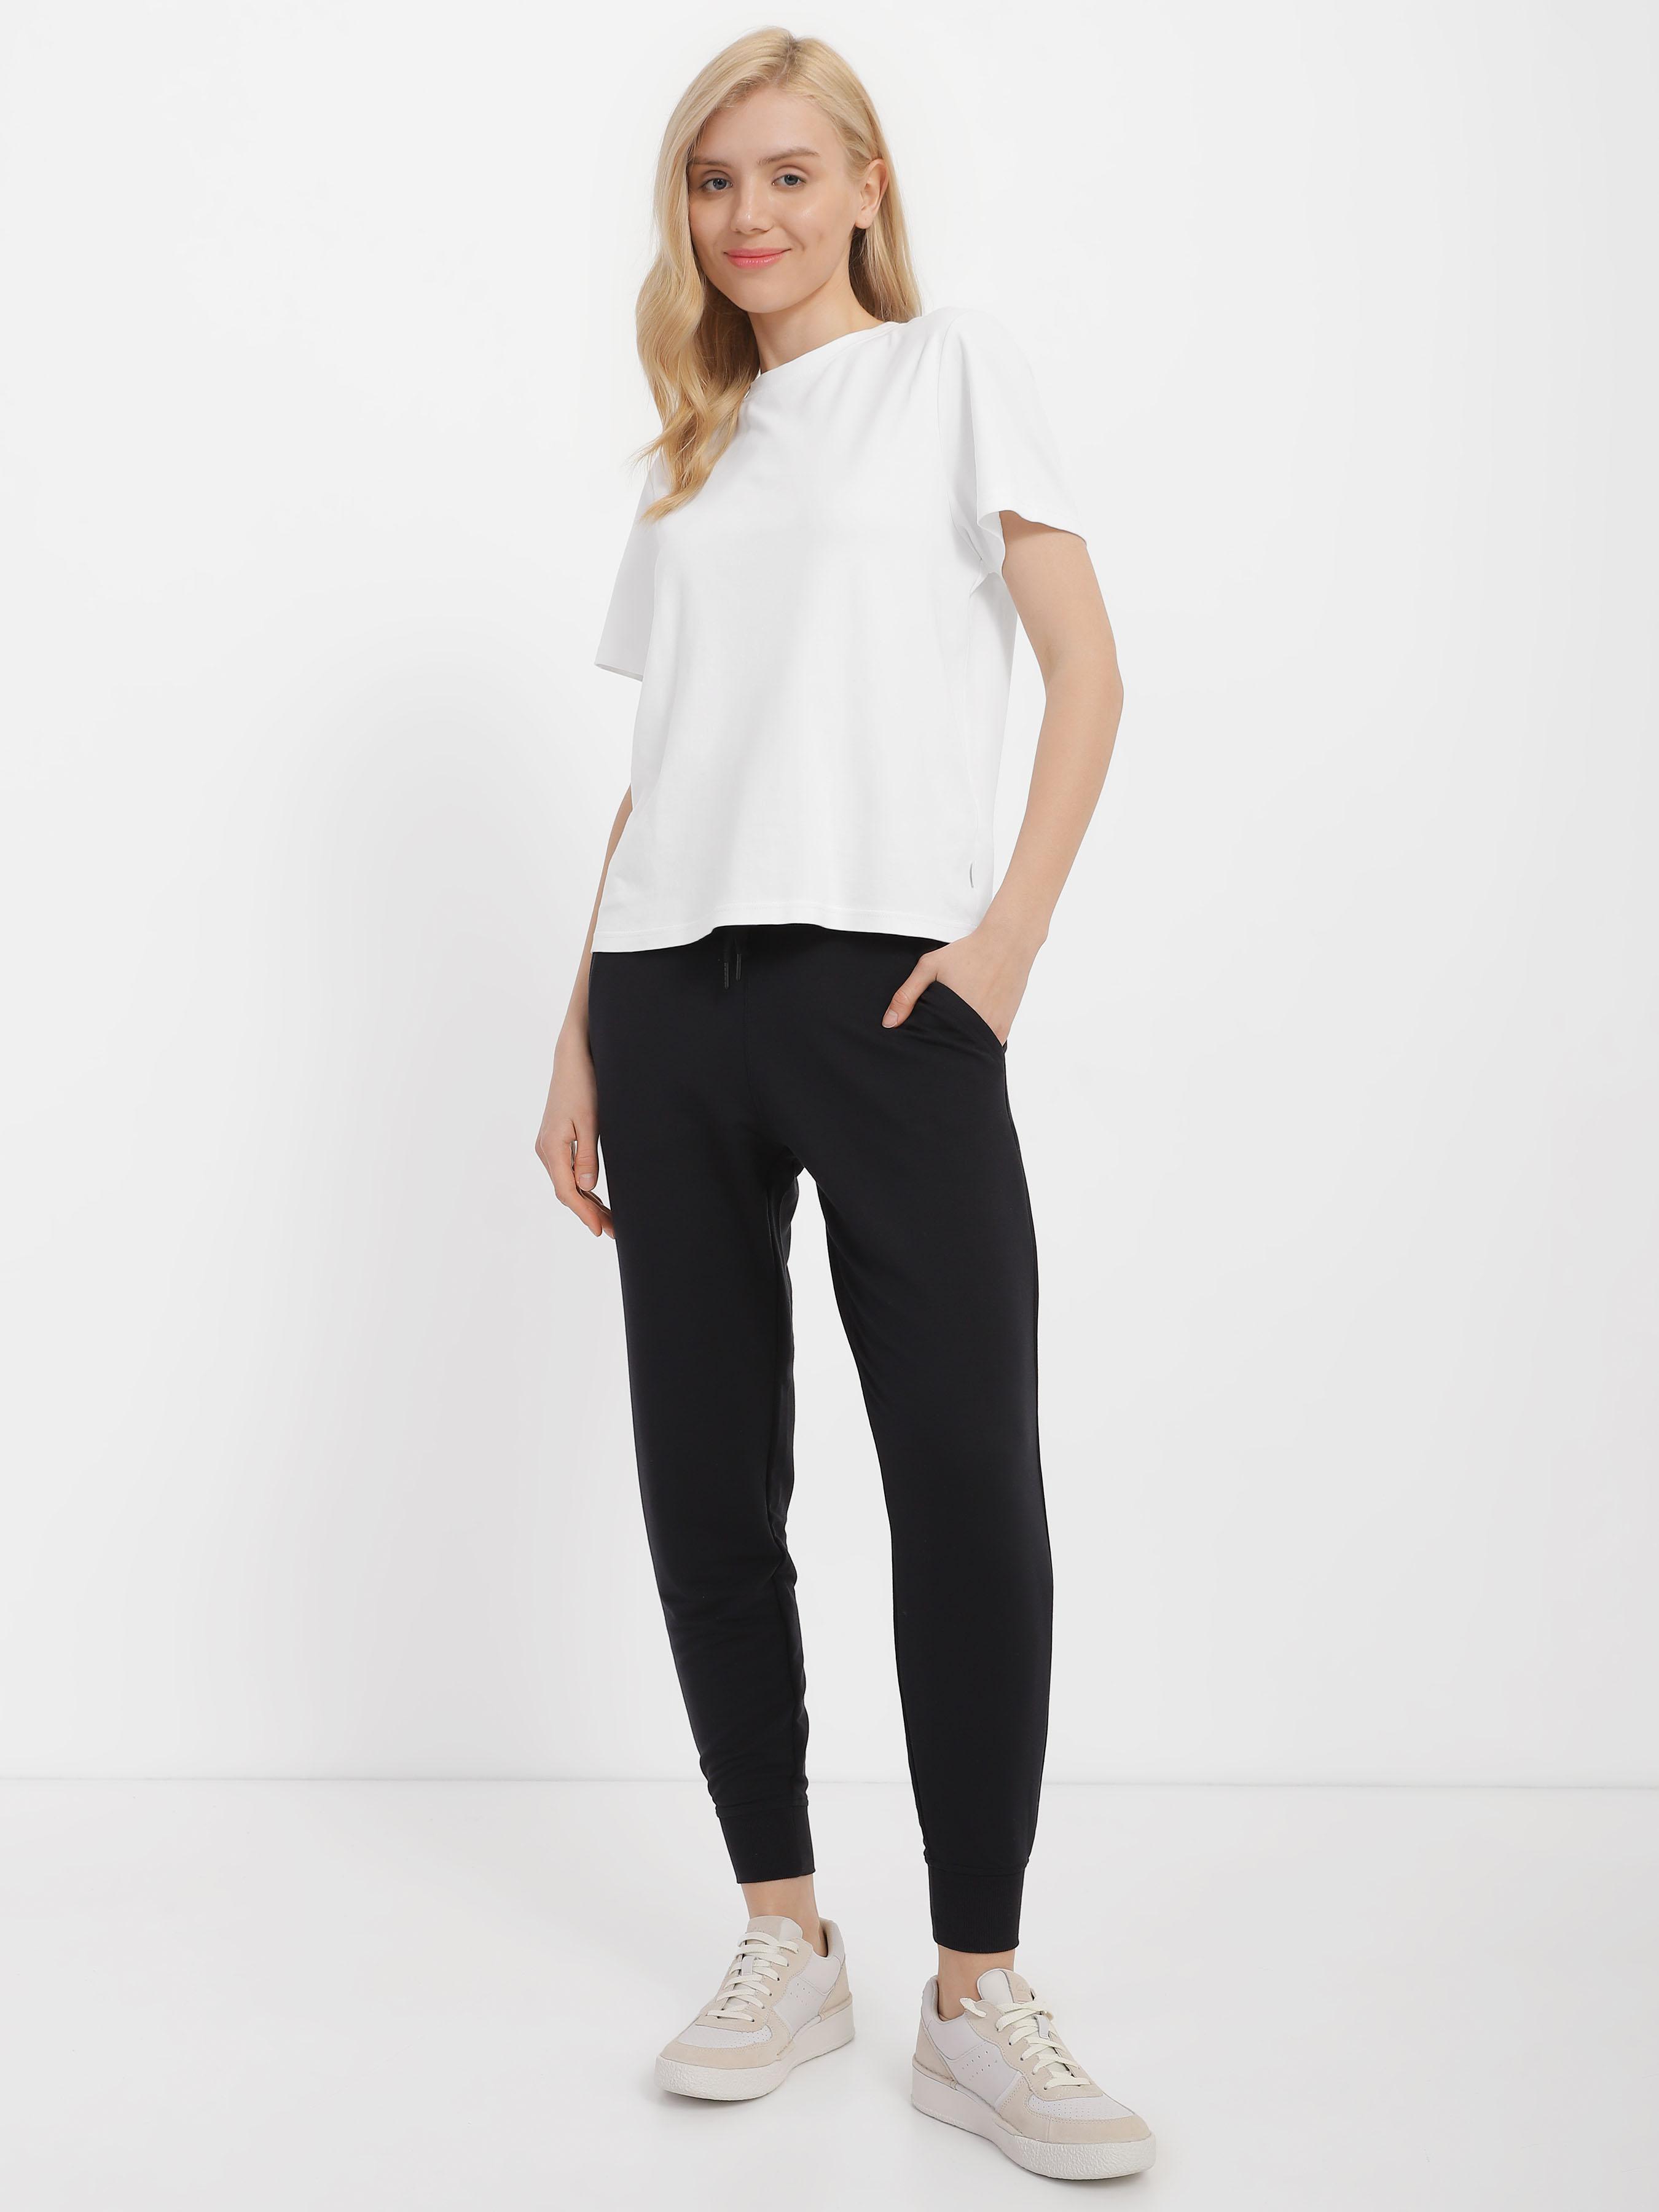 Штаны спортивные женские Skechers модель W03PT49 BLK купить, 2017